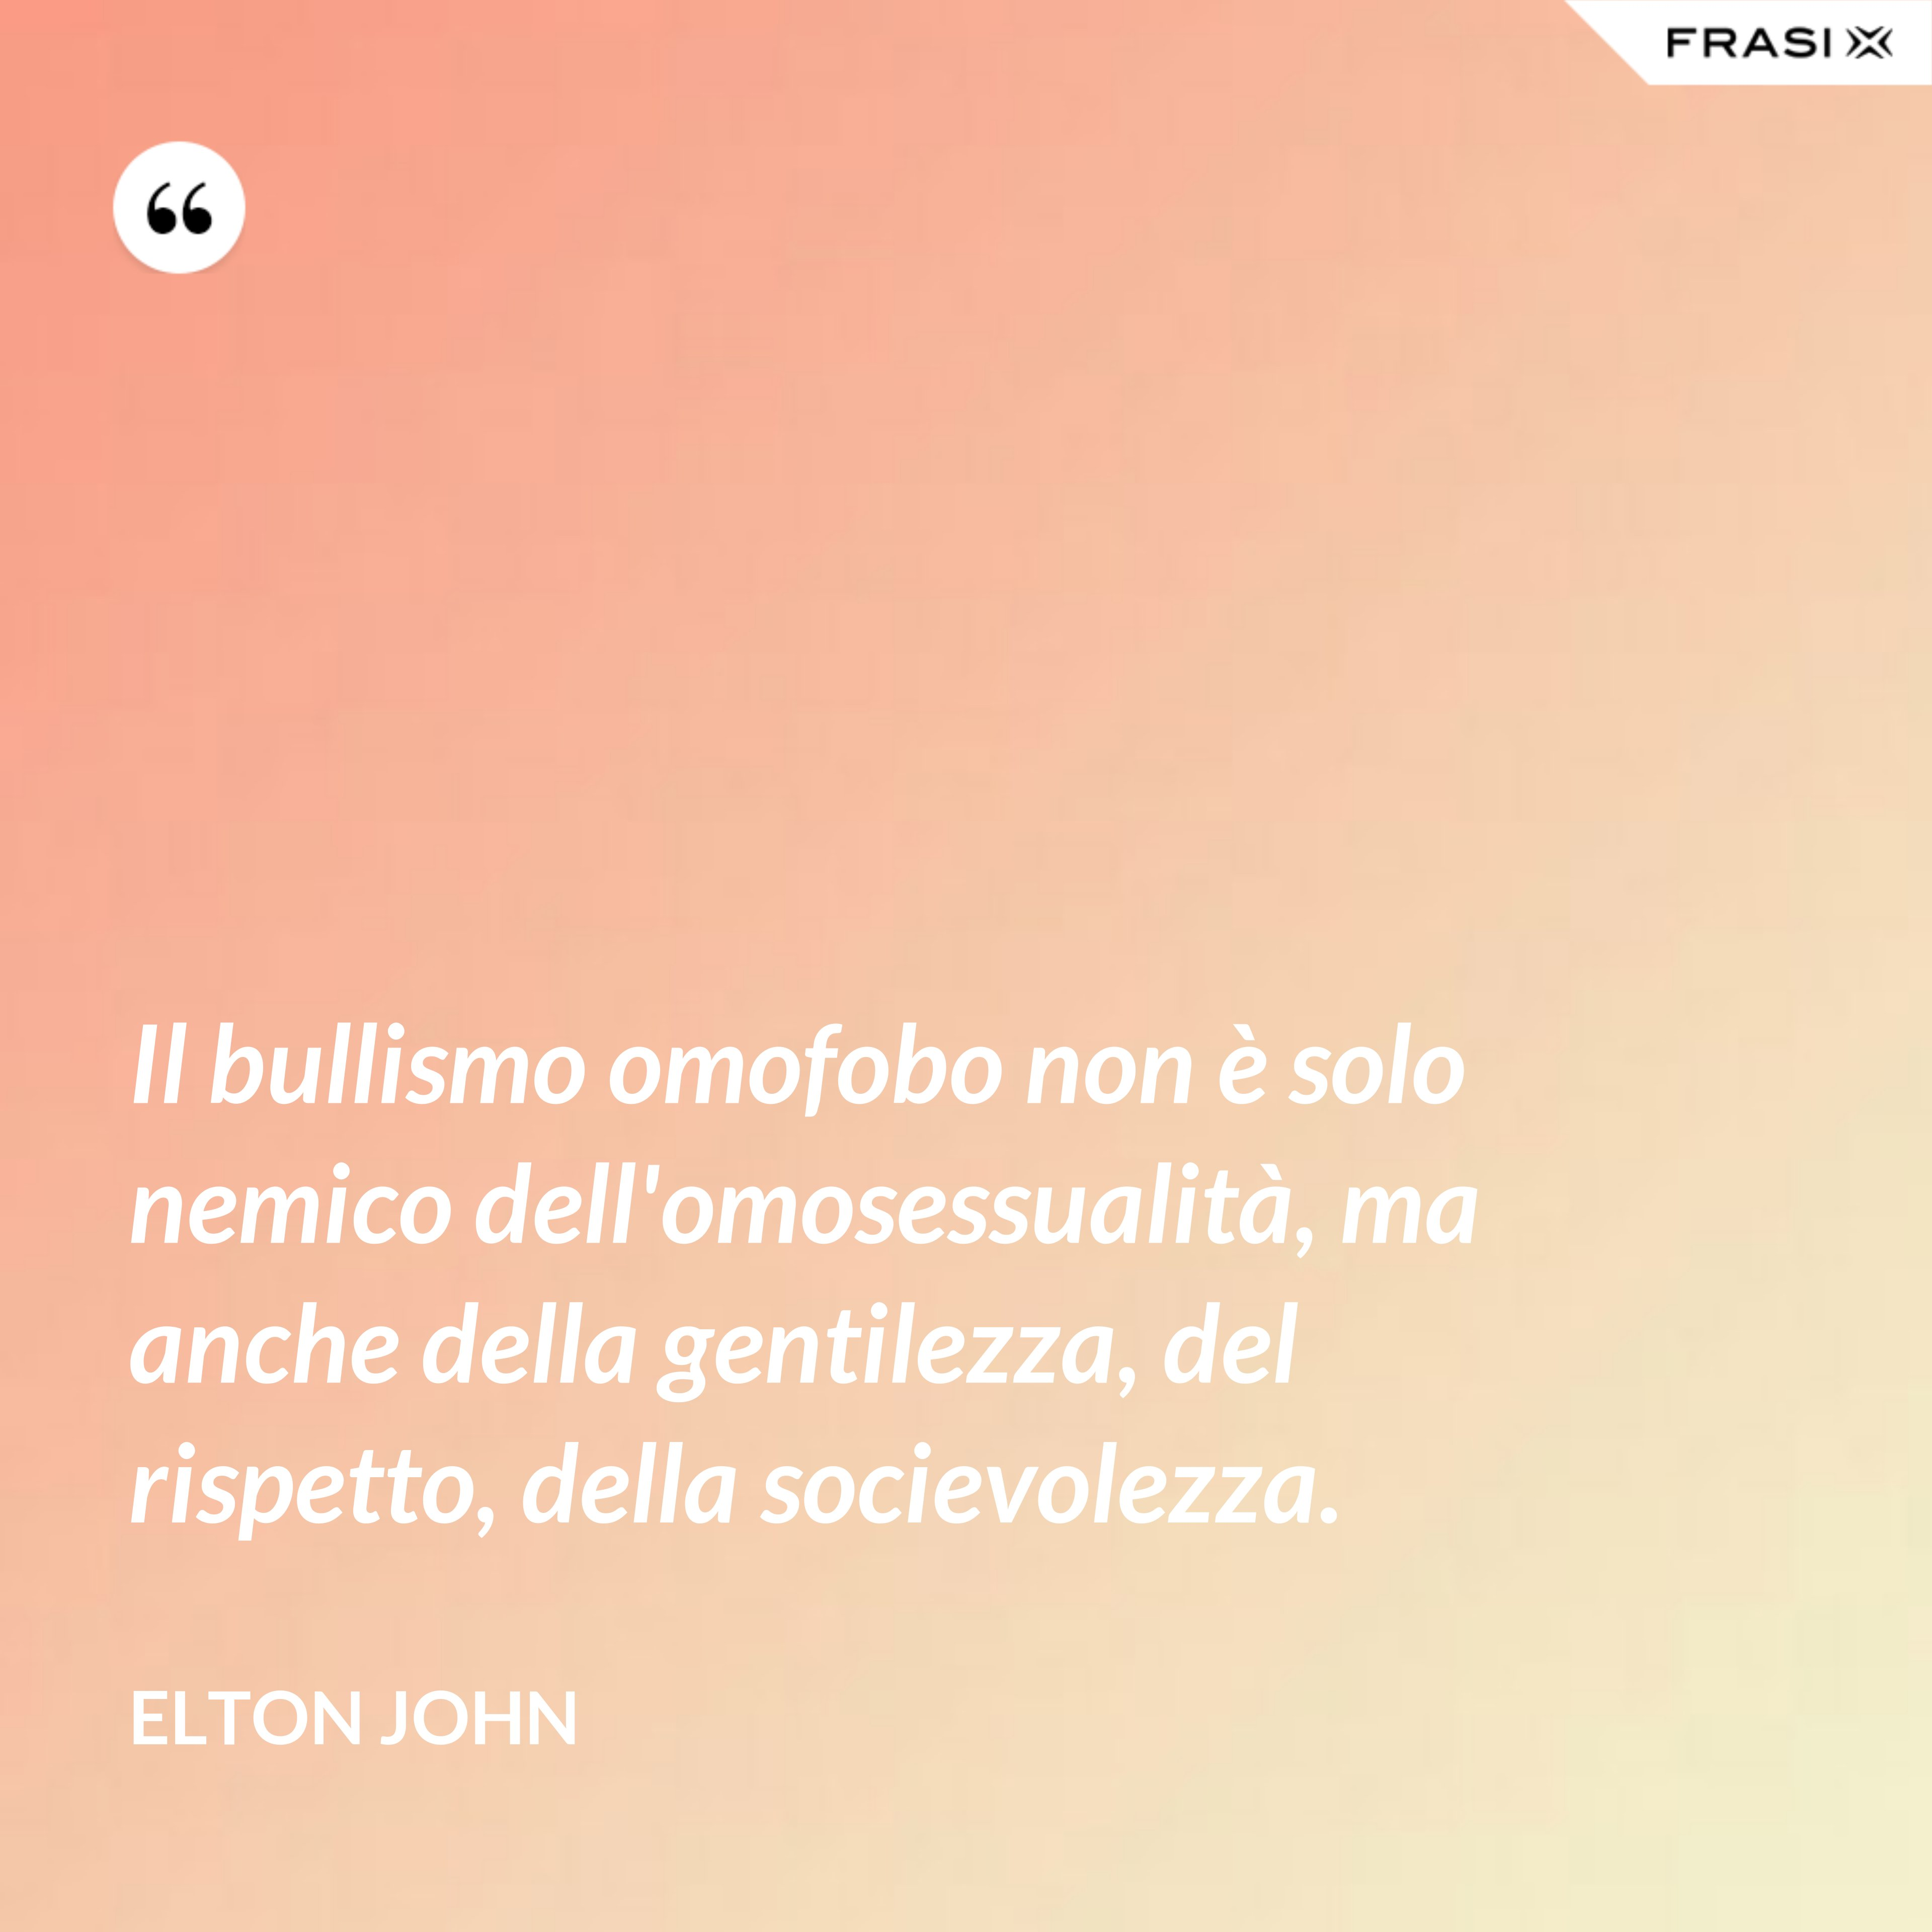 Il bullismo omofobo non è solo nemico dell'omosessualità, ma anche della gentilezza, del rispetto, della socievolezza. - Elton John